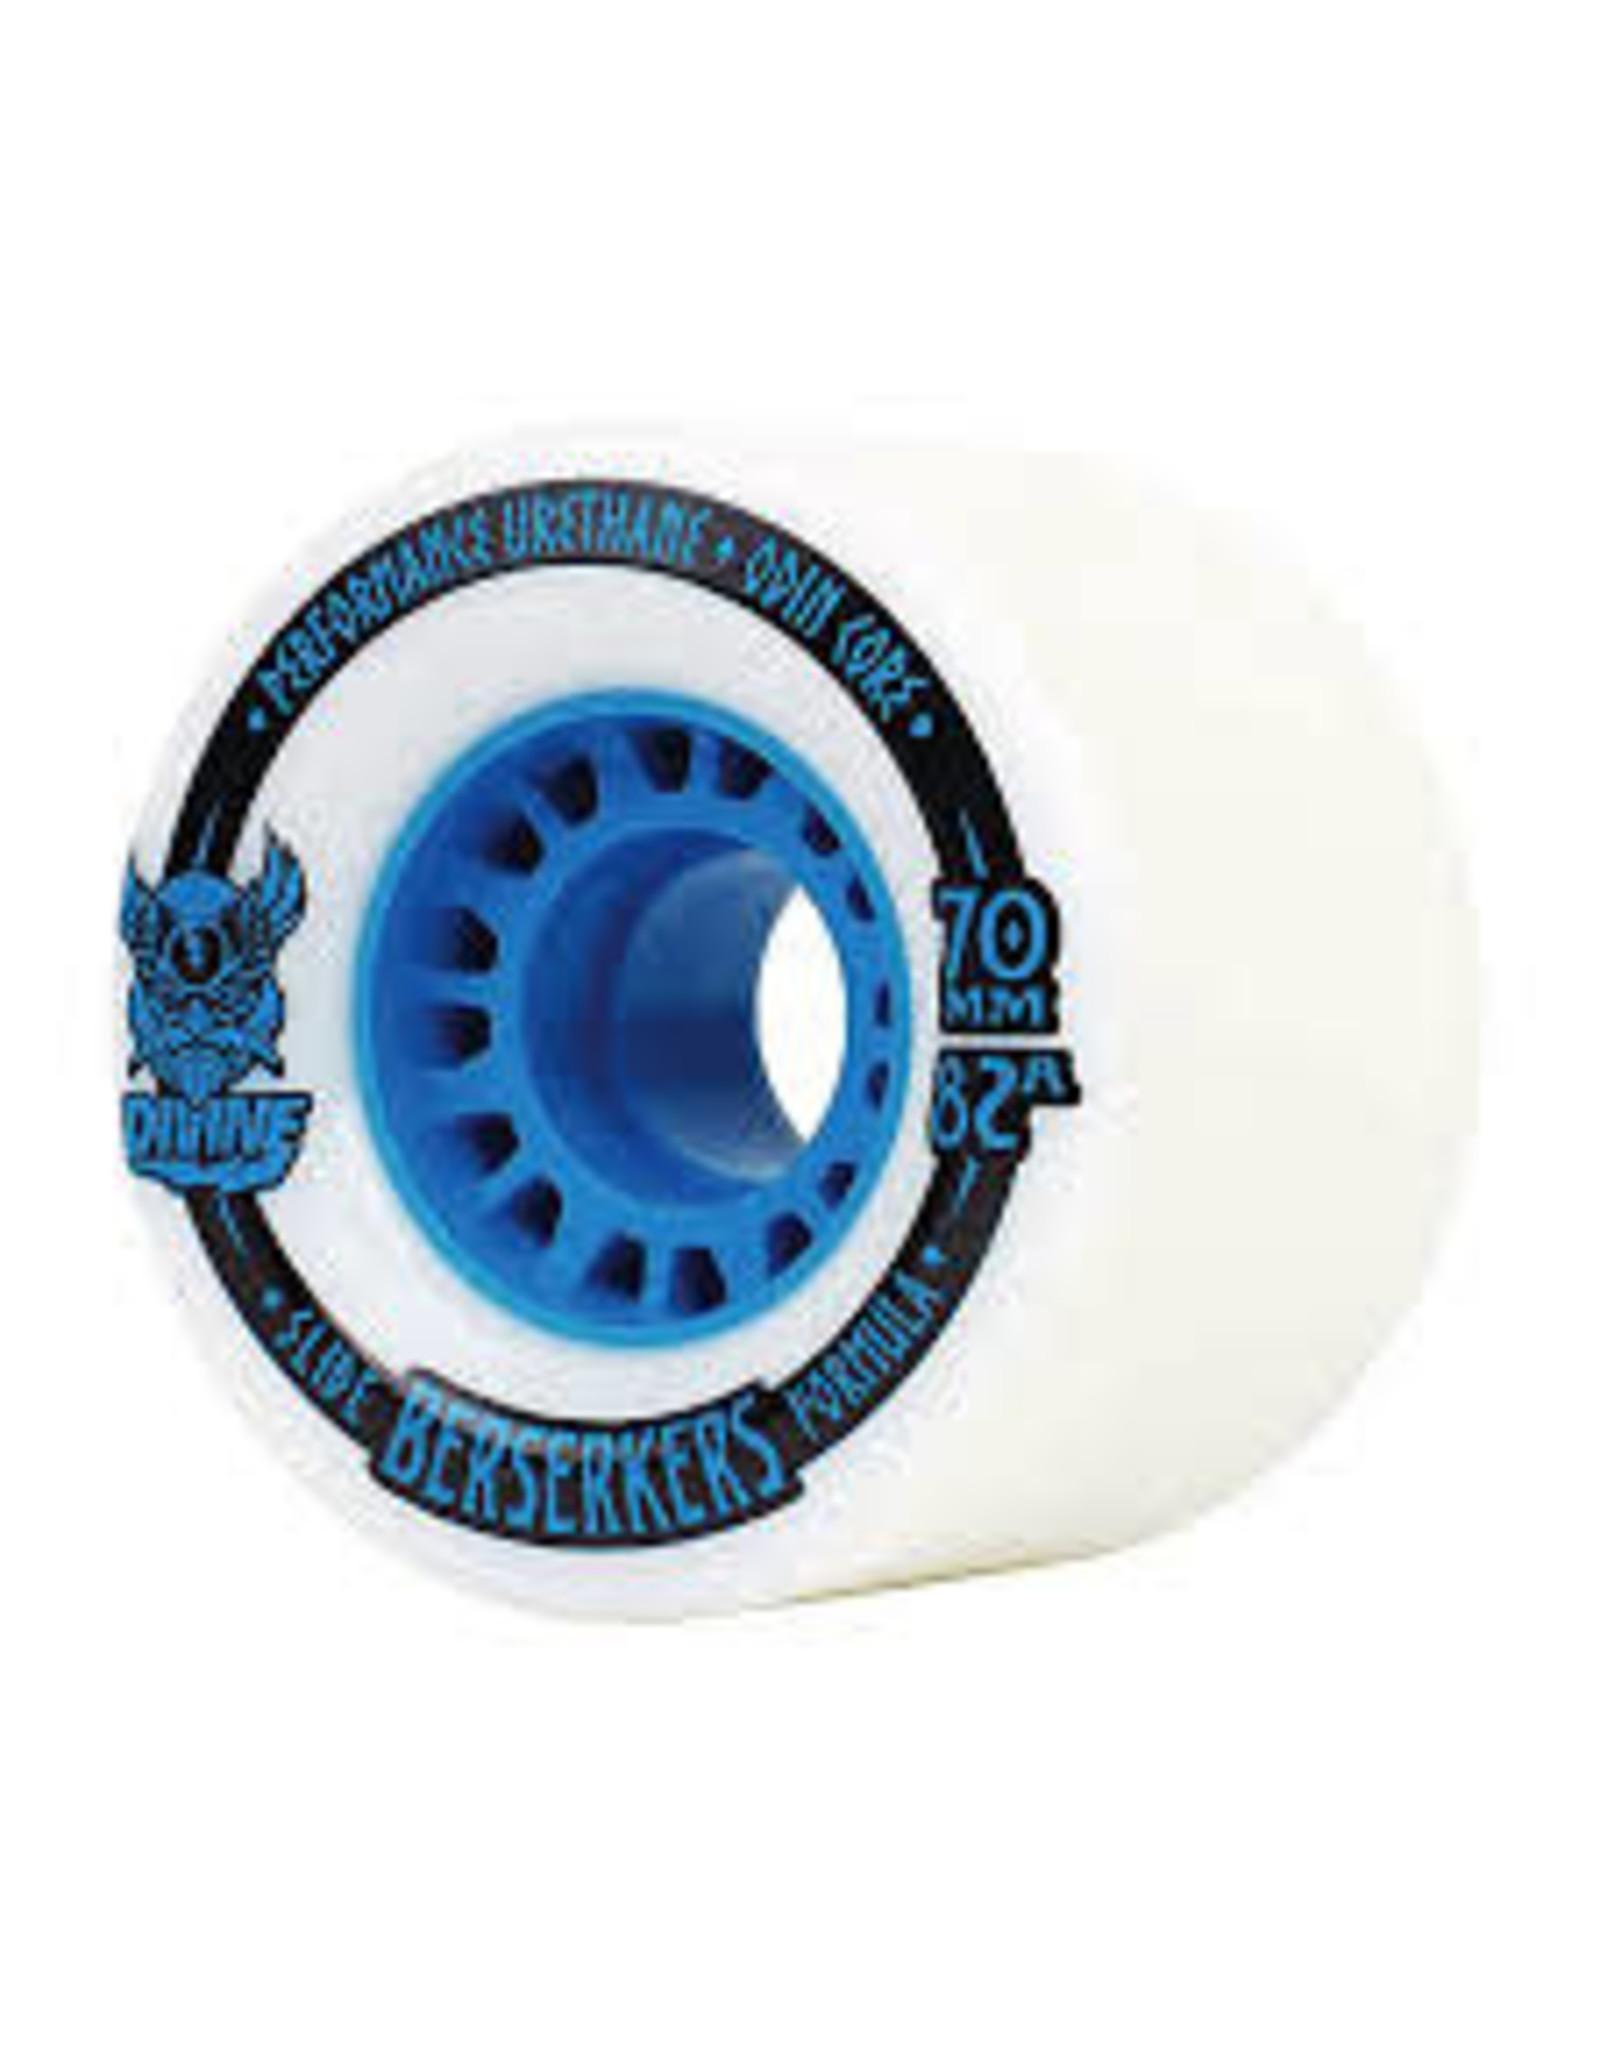 Divine - Roues longboard berserkers blau 82A